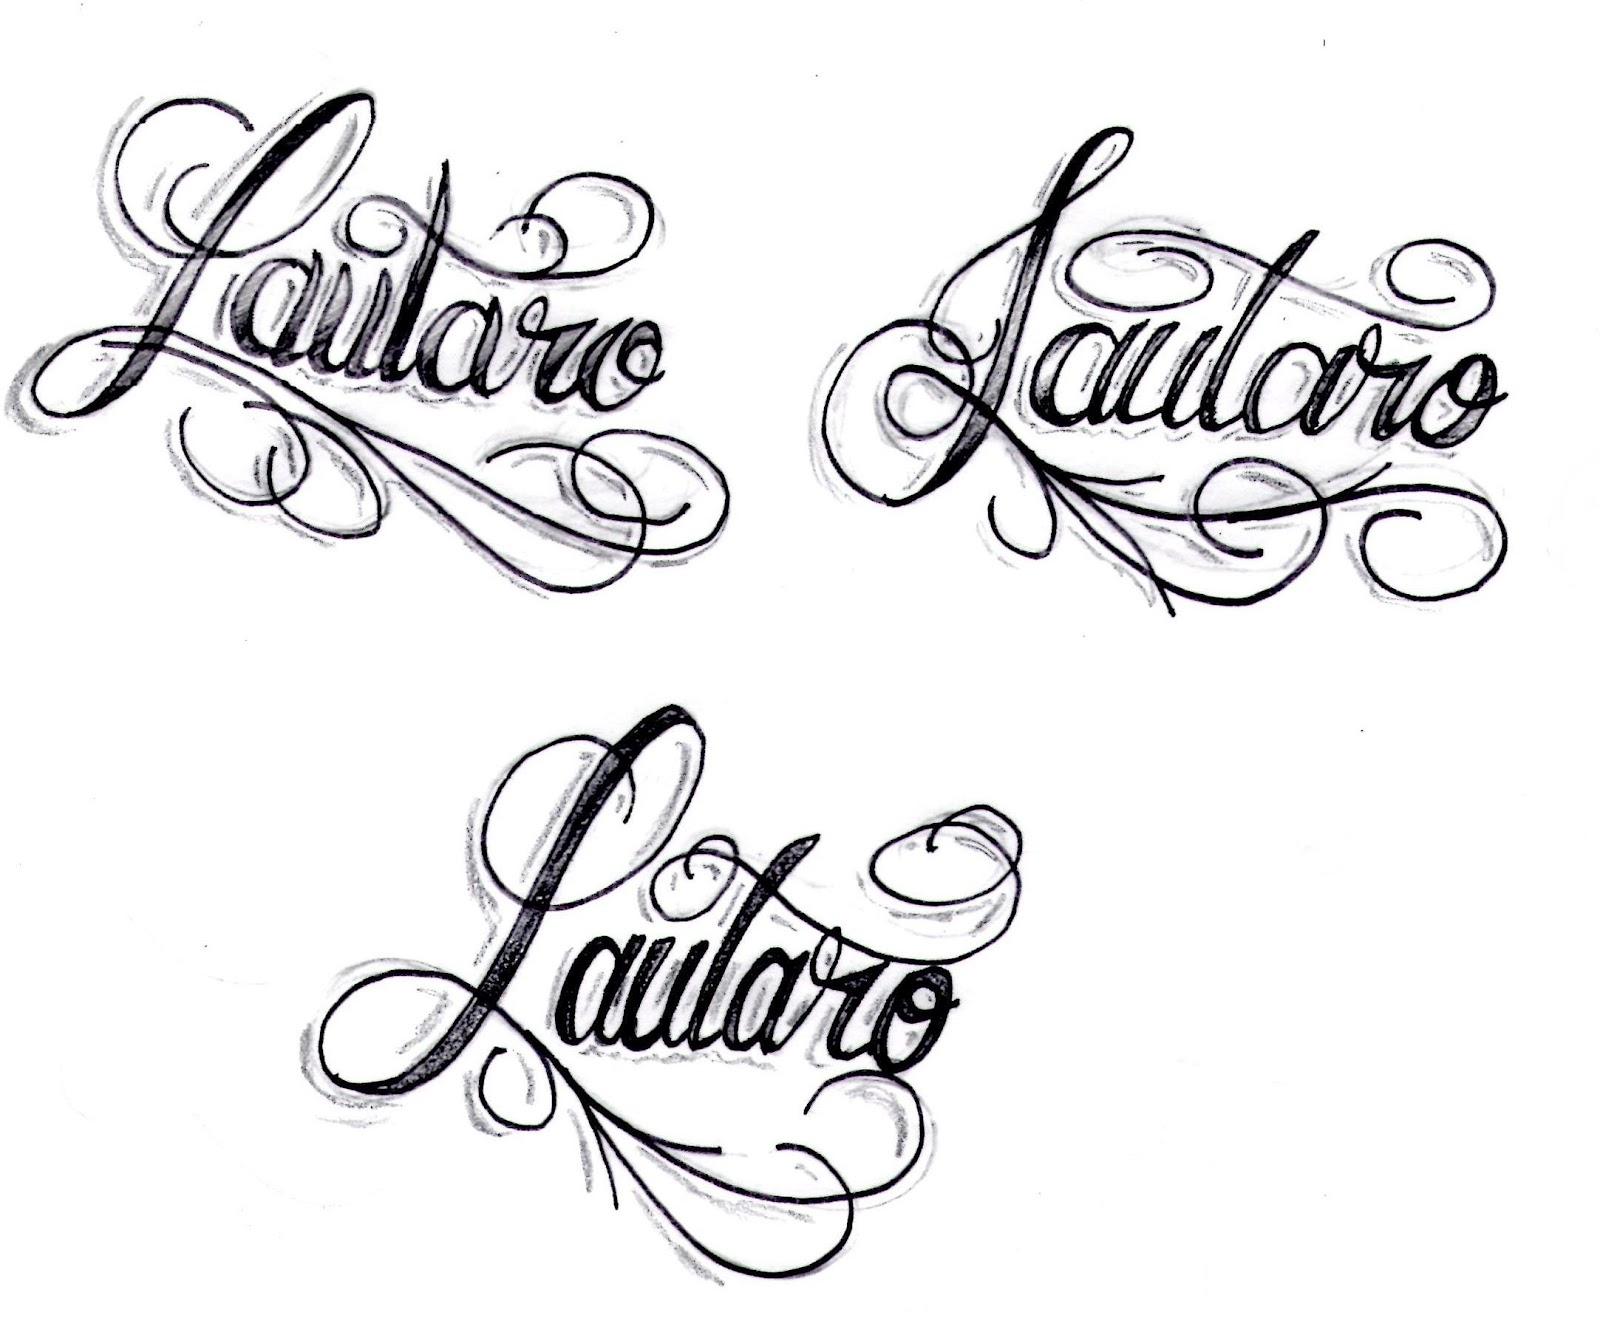 diseno letra tatuaje: